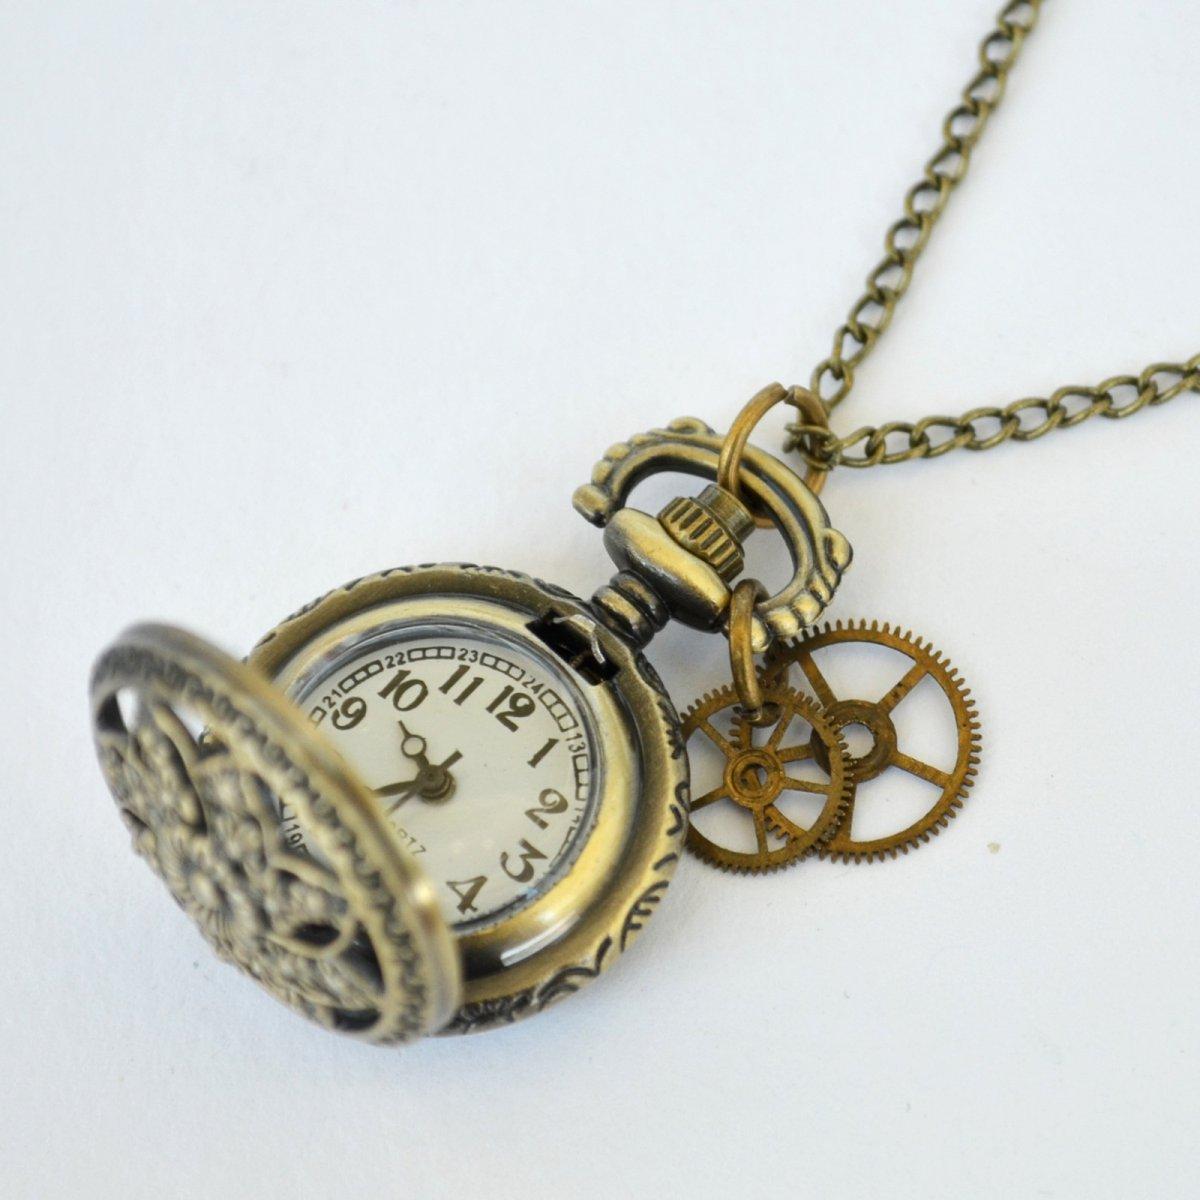 64752d3d6 DÁMSKÉ HODINKY NA KRK, hodinkový náhrdelník – Potvor - pomáhat tvořit